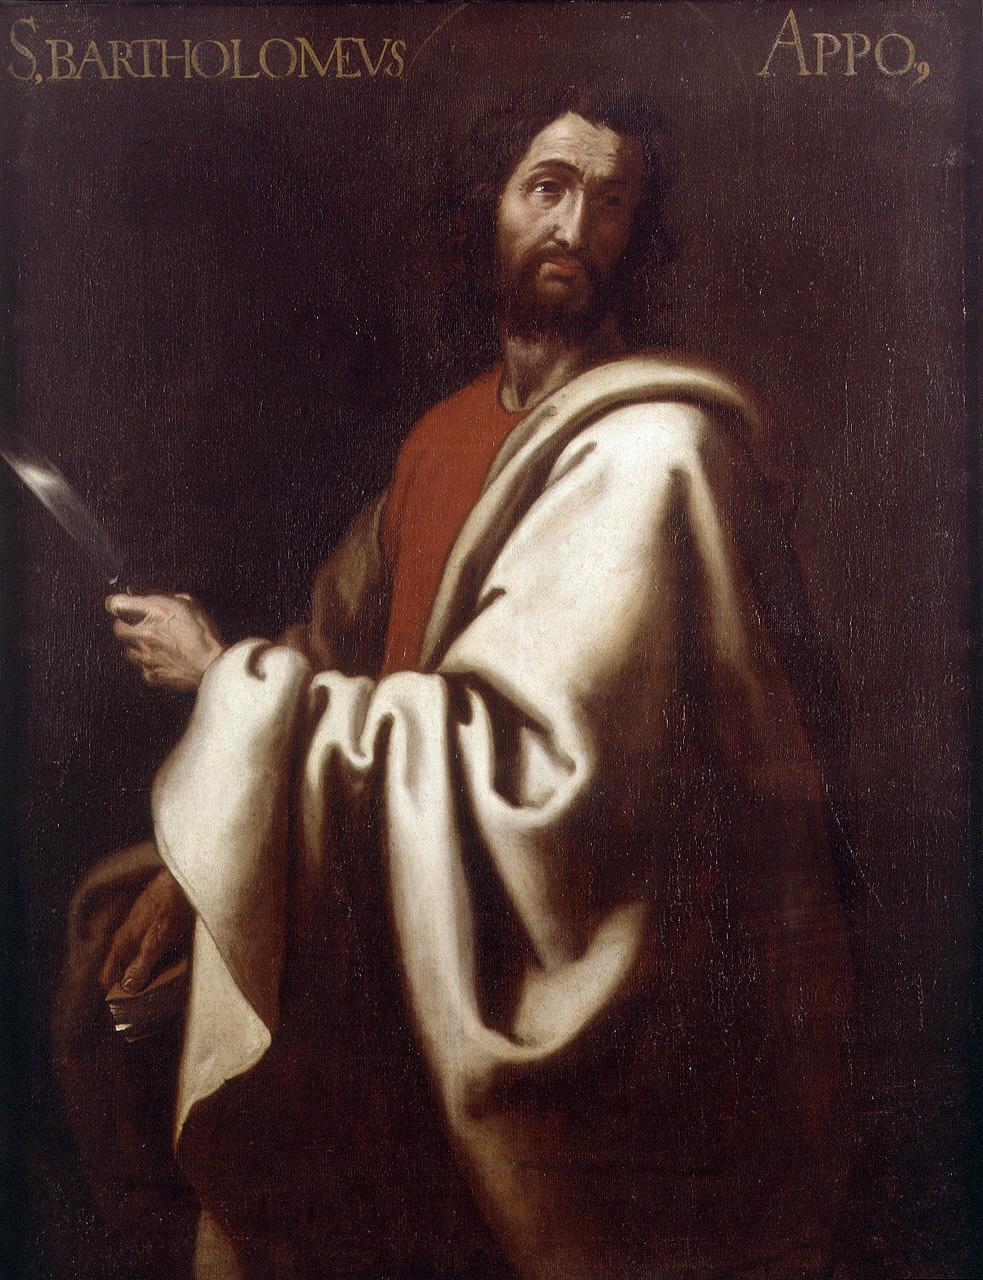 Resultado de imagen de Bartolomé apostol